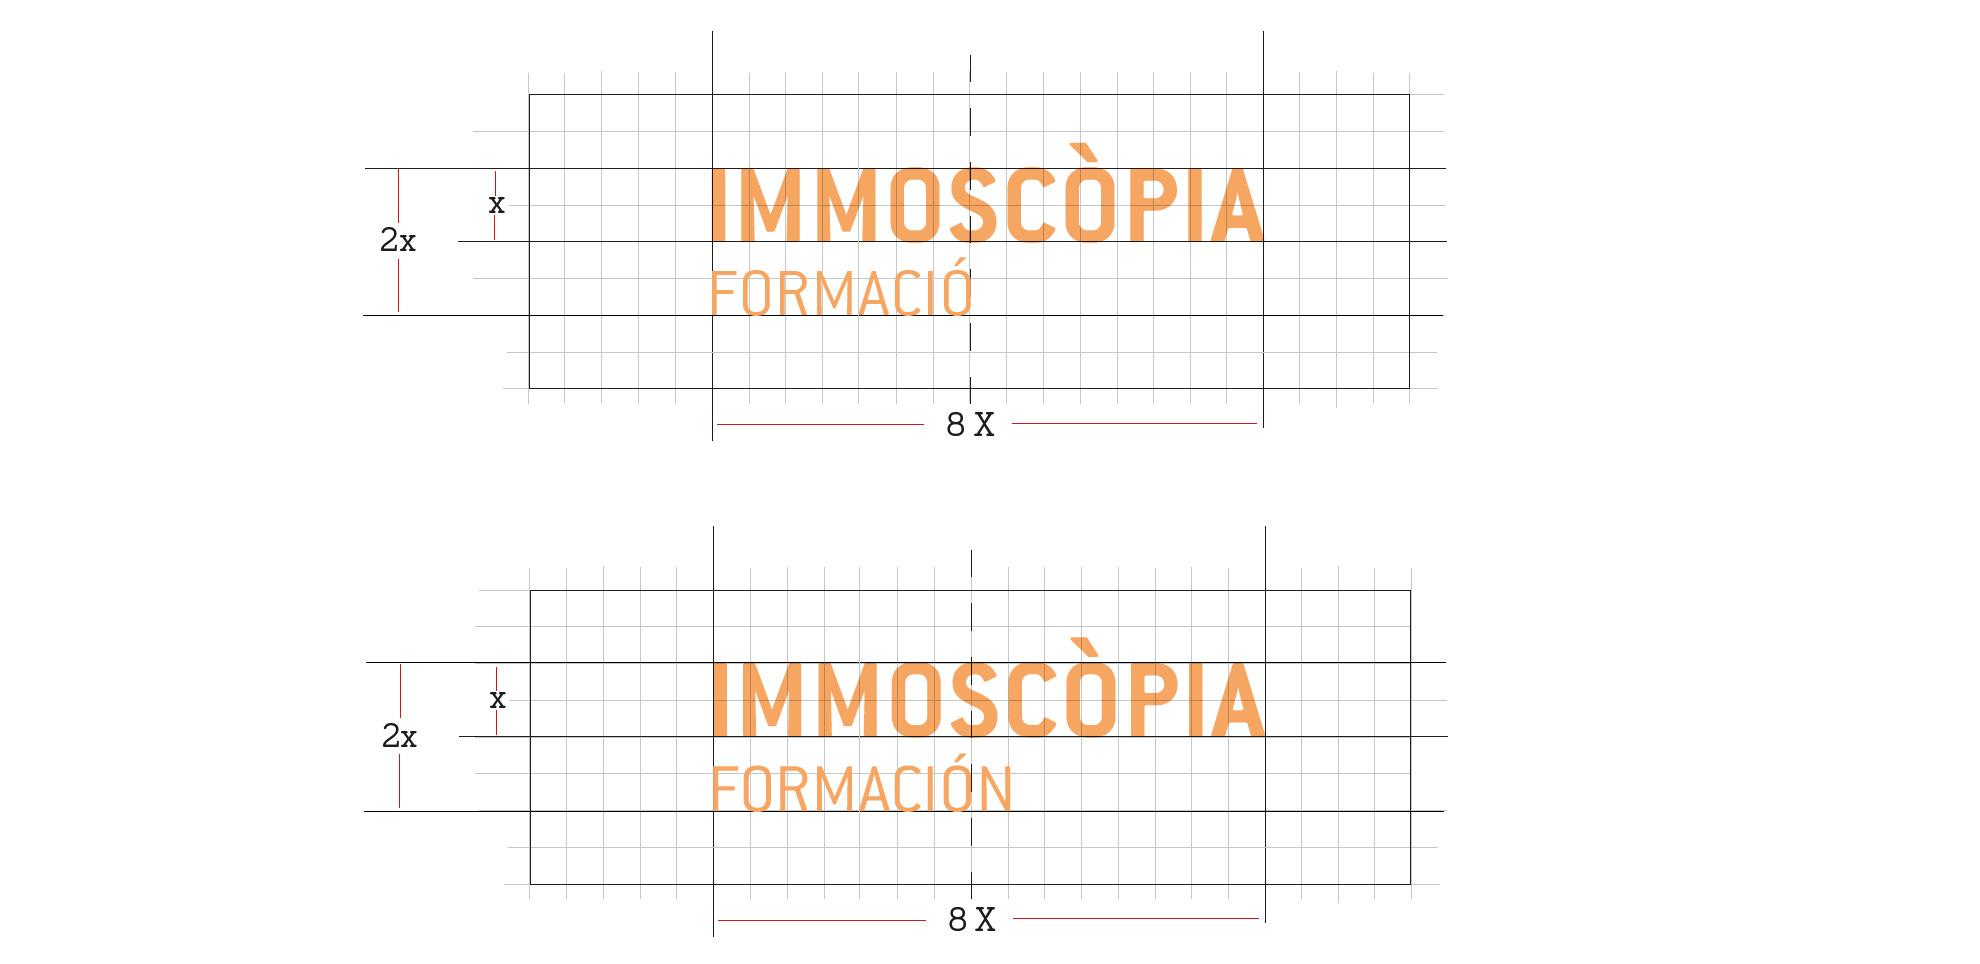 immoscopia-formación